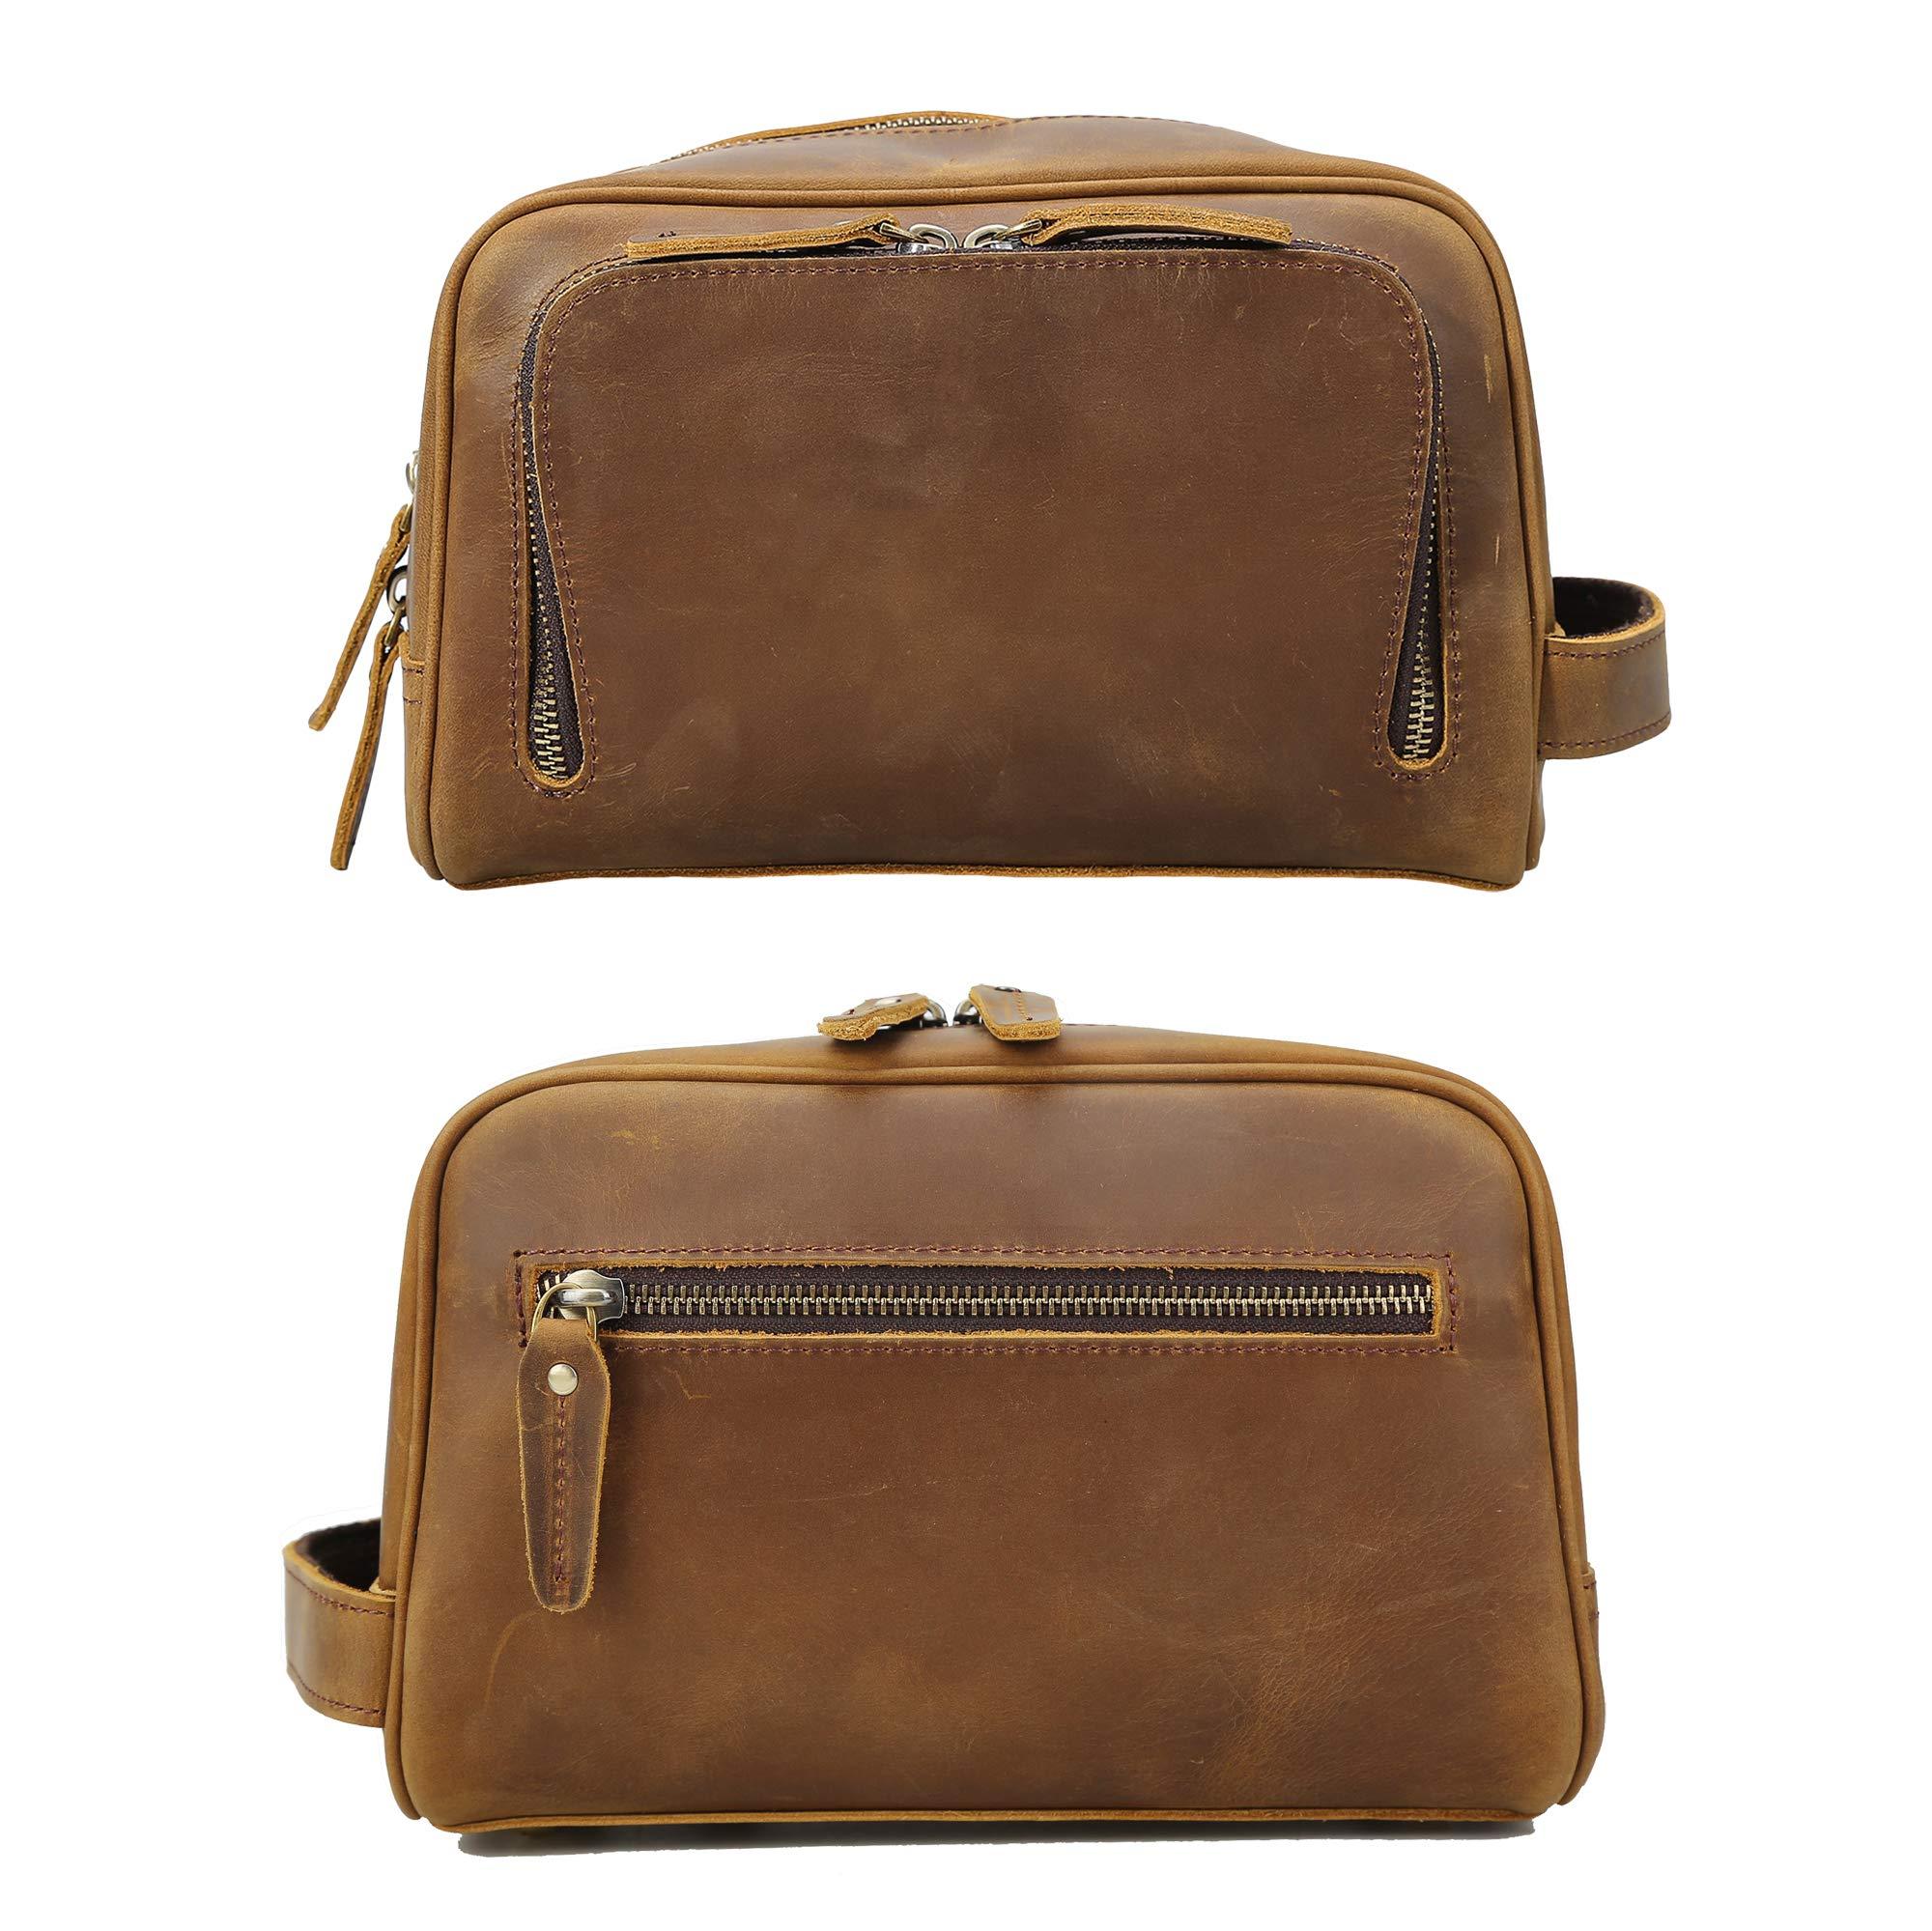 Polare Vintage Full Grain Leather Handmade Travel Toiletry Bag for Men - Dopp Kit - Shaving Kit by POLARE ORIGINAL (Image #3)